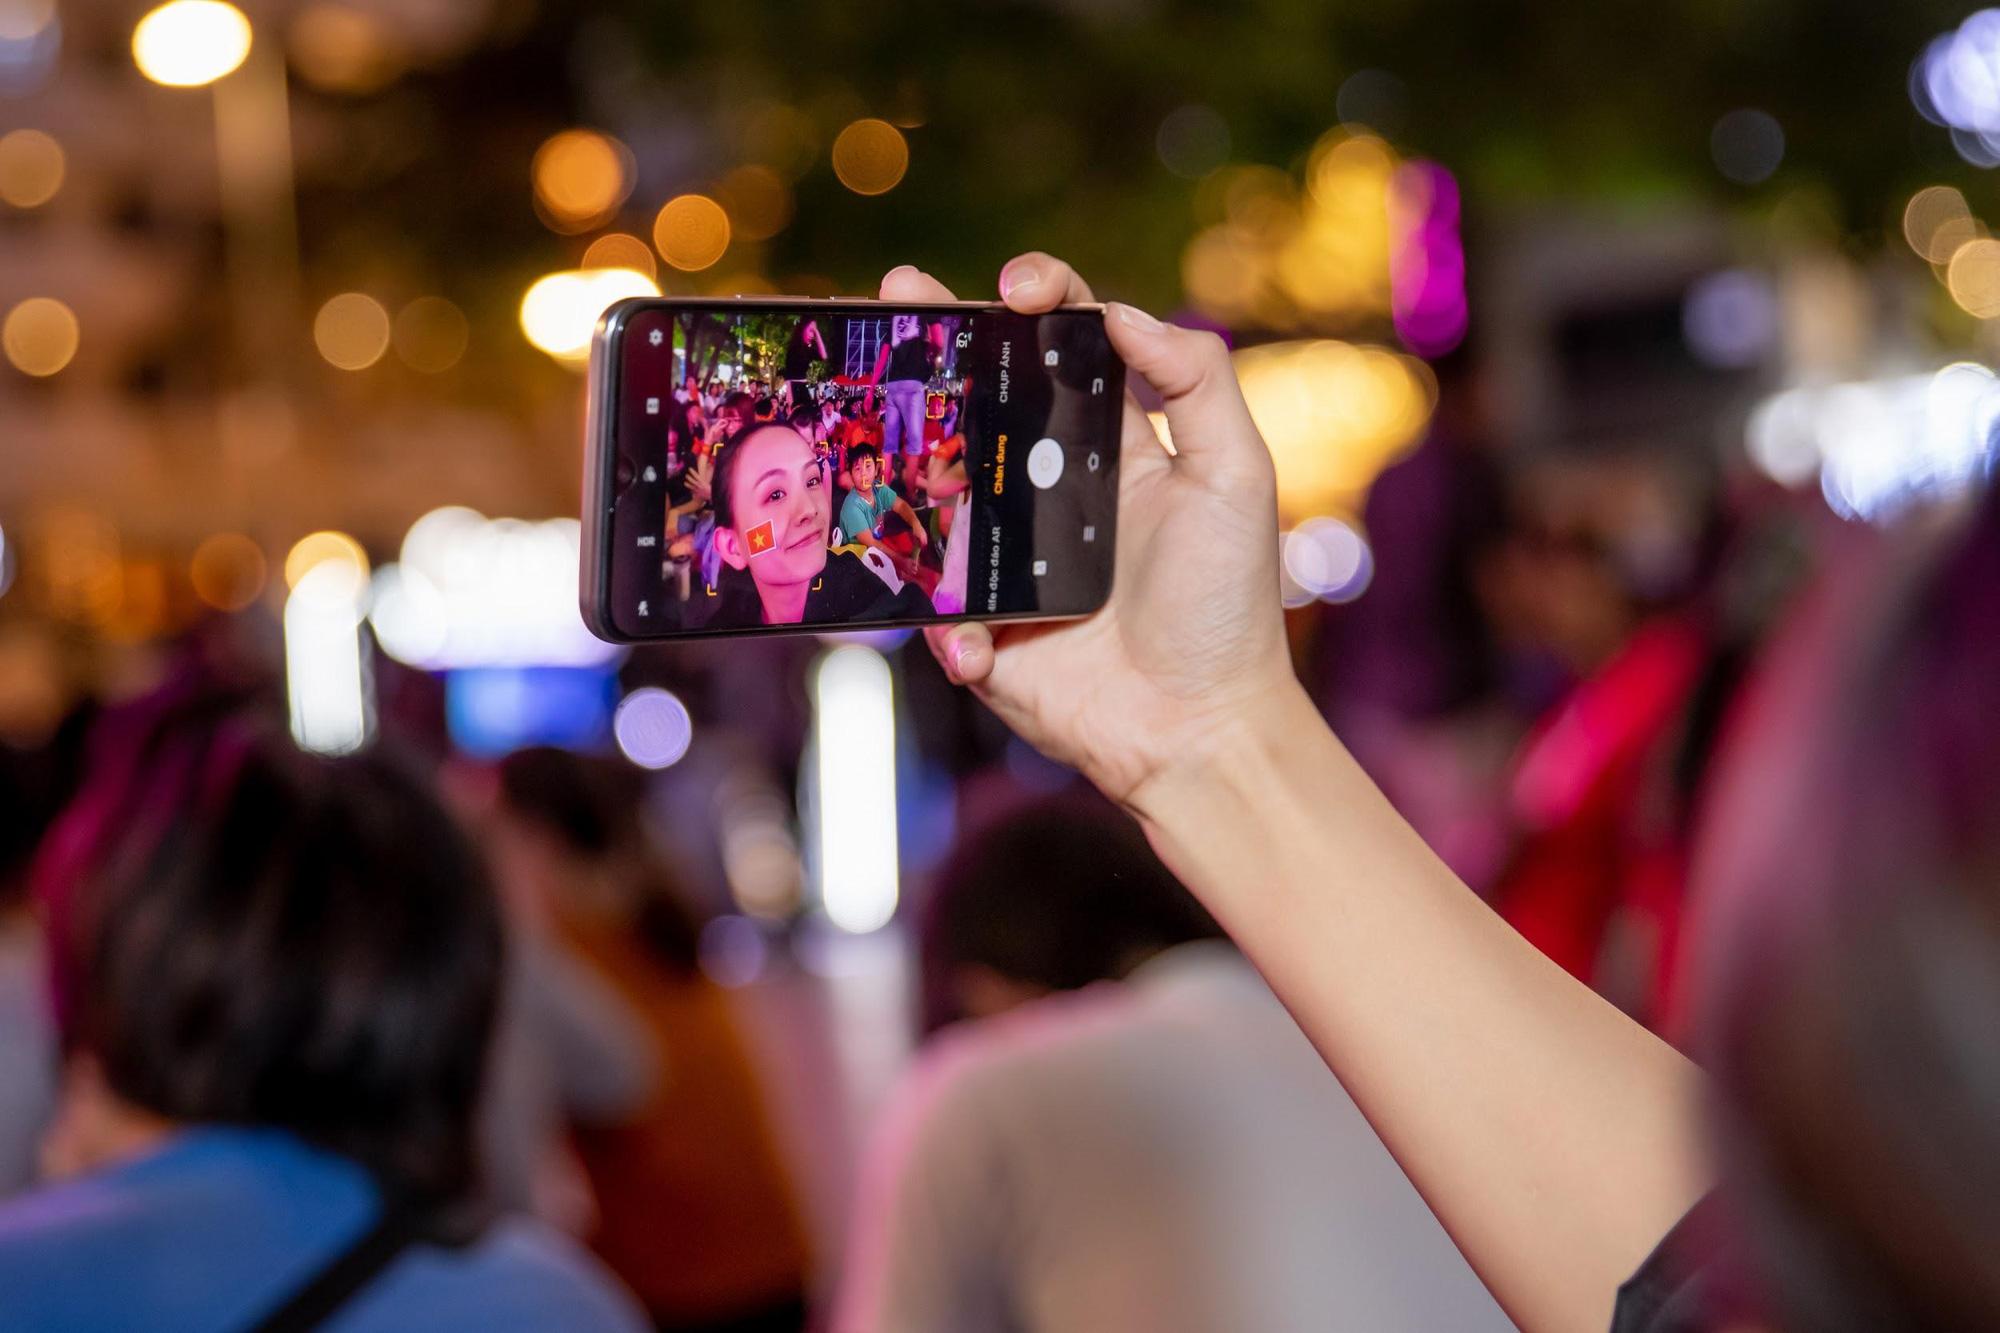 Giải mã chiếc điện thoại được hàng loạt tín đồ túc cầu selfie tại trận đấu vòng loại World Cup Việt Nam - UAE - Ảnh 2.